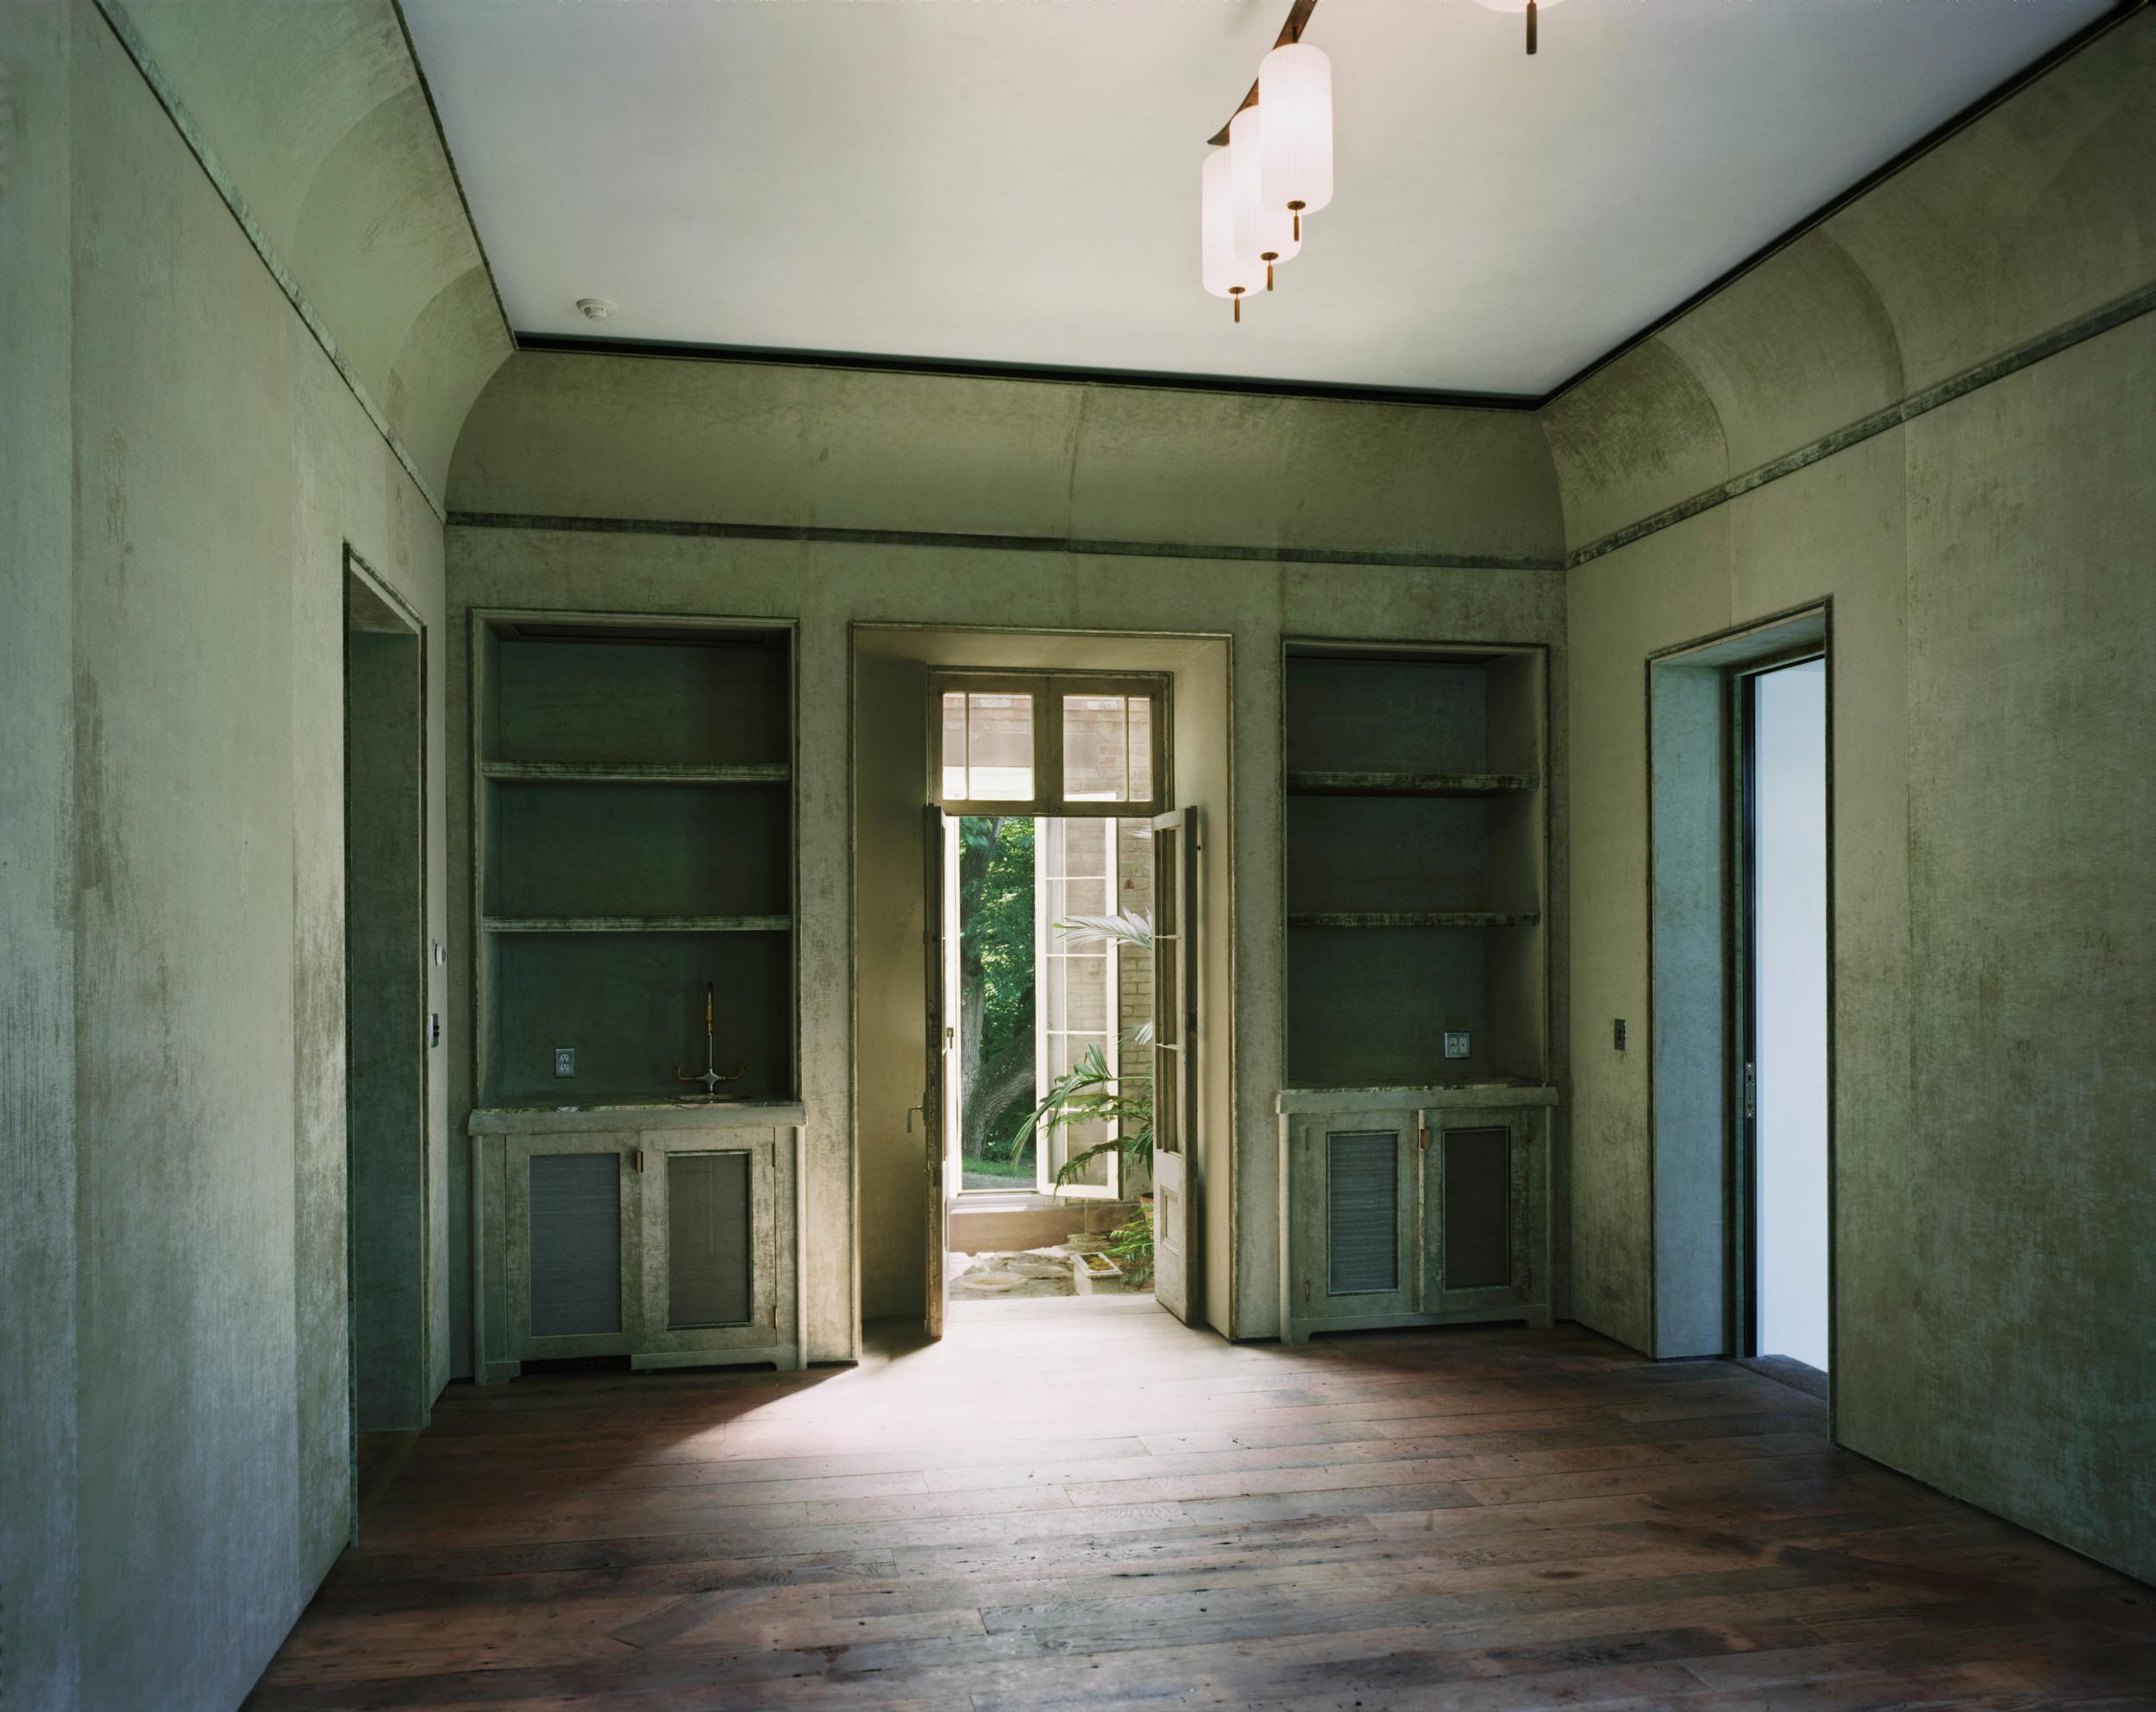 Green Velvet Room